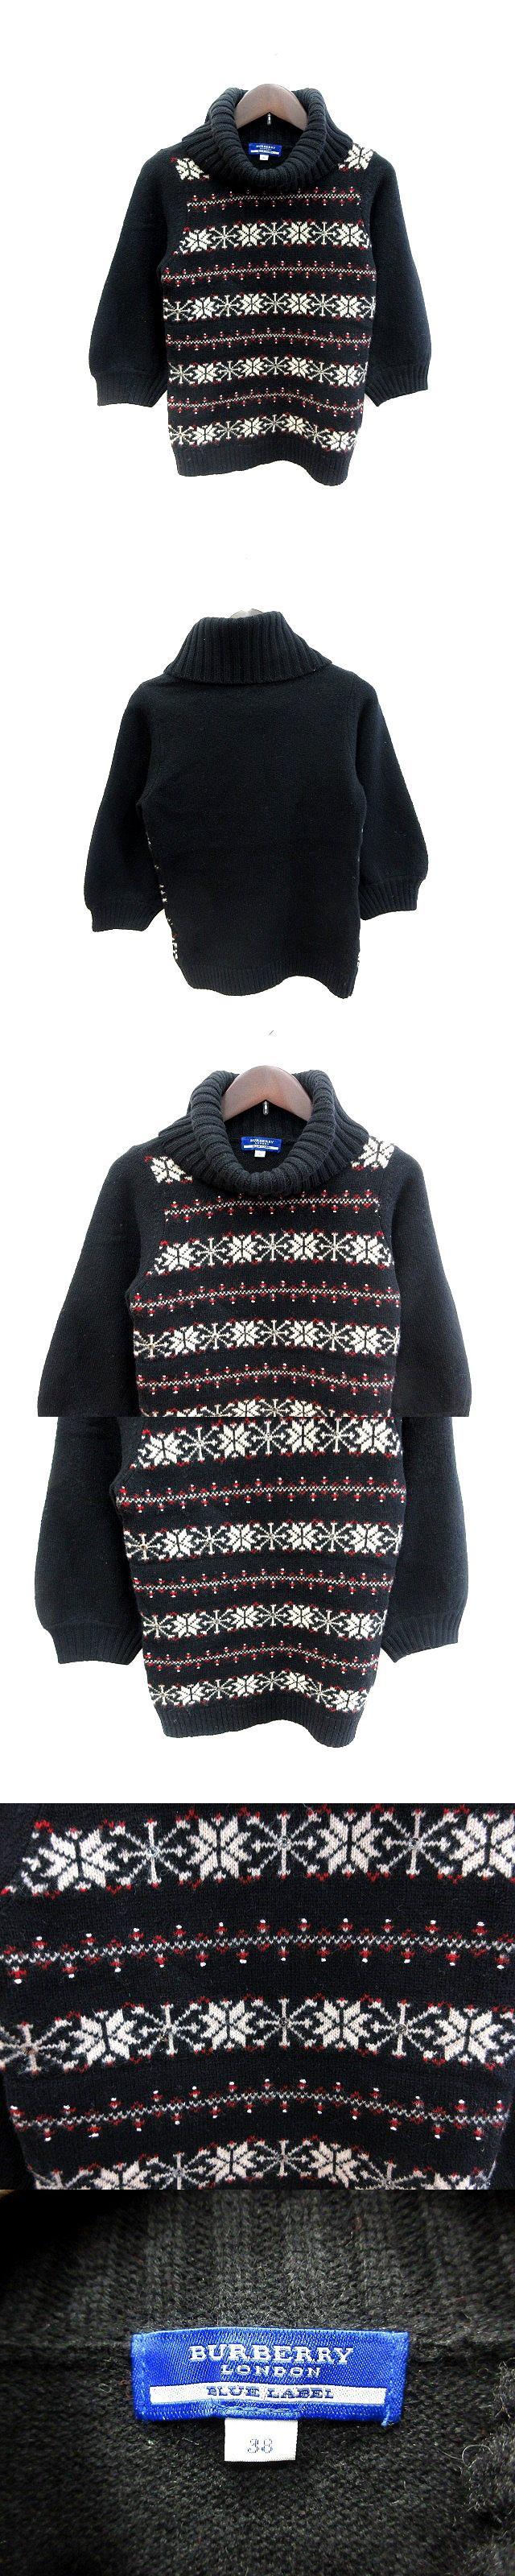 ニット セーター タートルネック スパンコール 総柄 ウール バルーンスリーブ 七分袖 38 黒 ブラック /AU